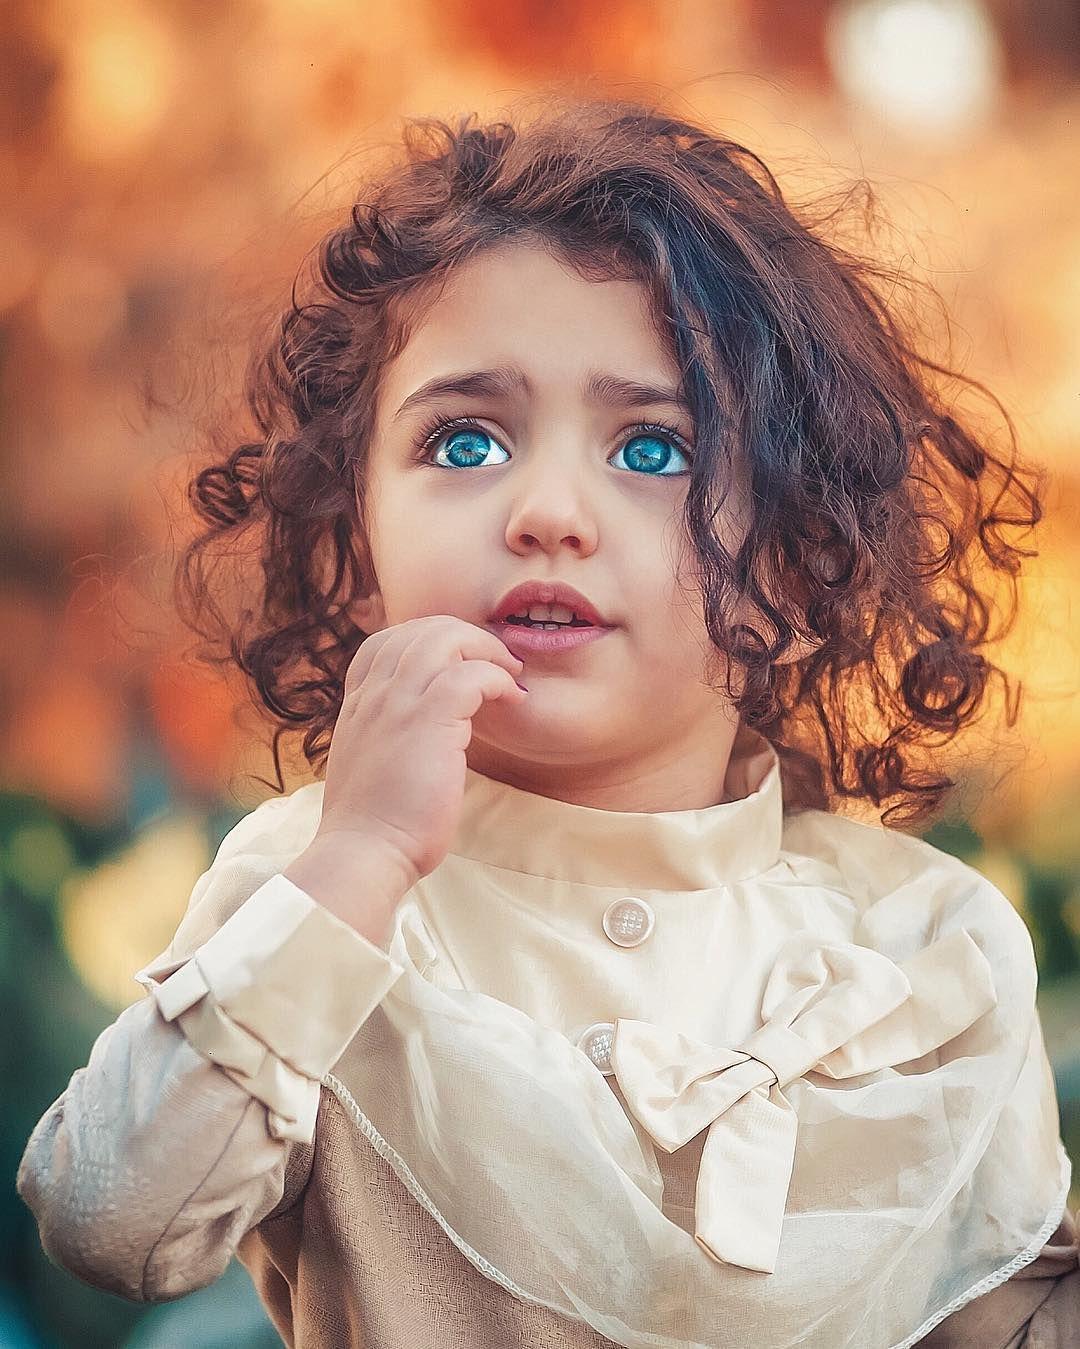 Anahita Hashemzadeh 1 صور اجمل طفله ايرانيه Anahita Hashemzadeh